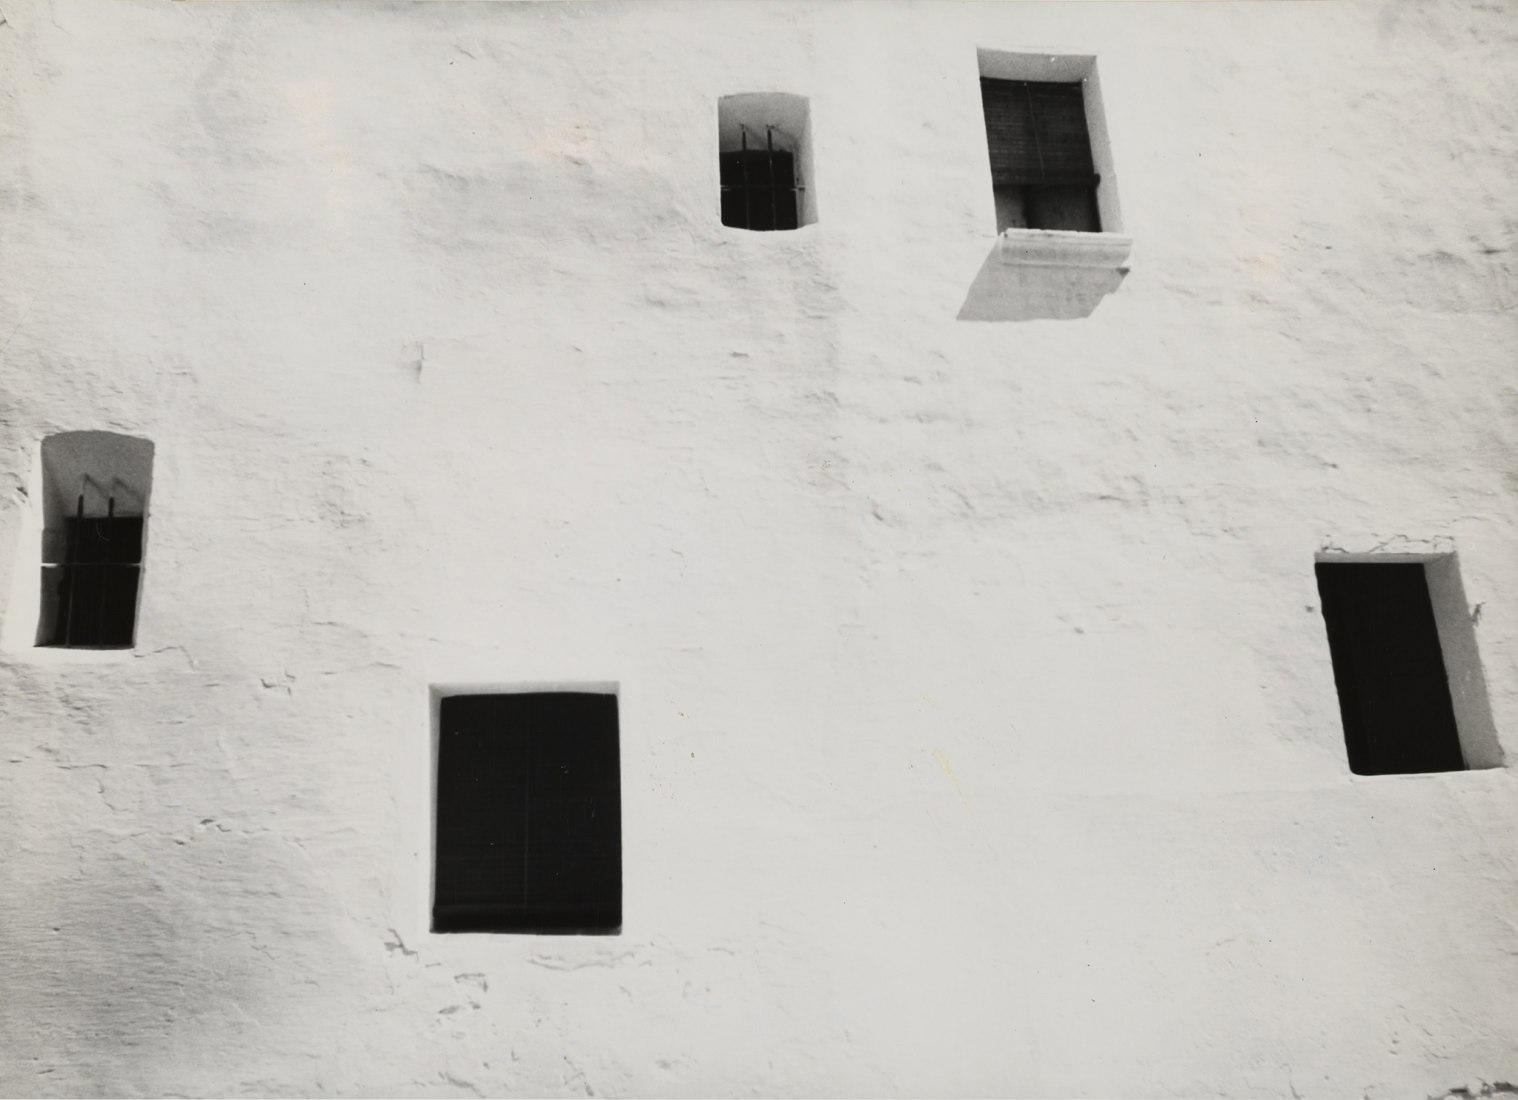 Arquitectura popular mediterranea, Ibiza, 1959. Courtesy of José de la Mano Gallery.